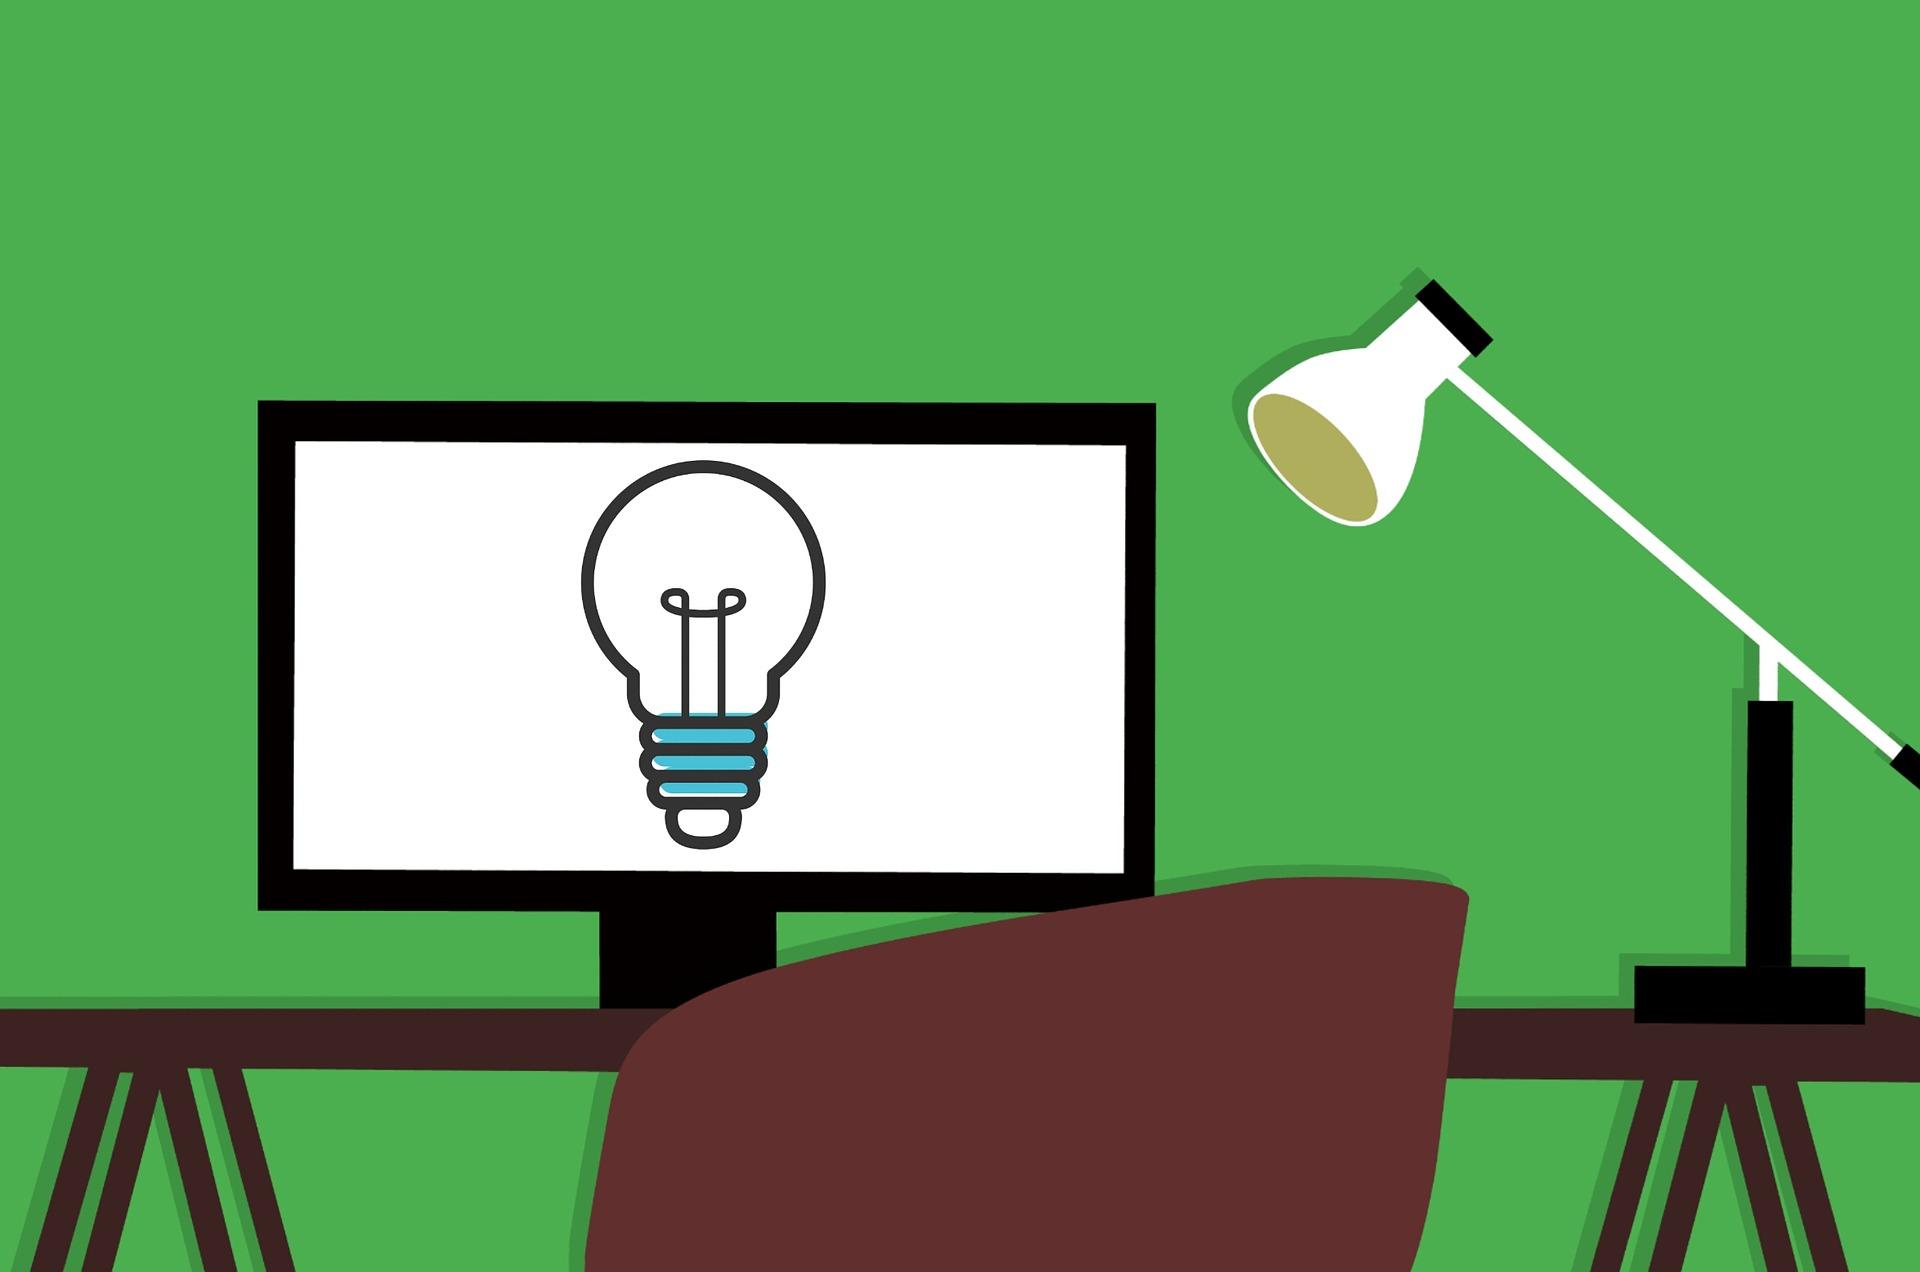 【知識ゼロ!】ブログ初心者の収入や収益も教える60記事までの記録